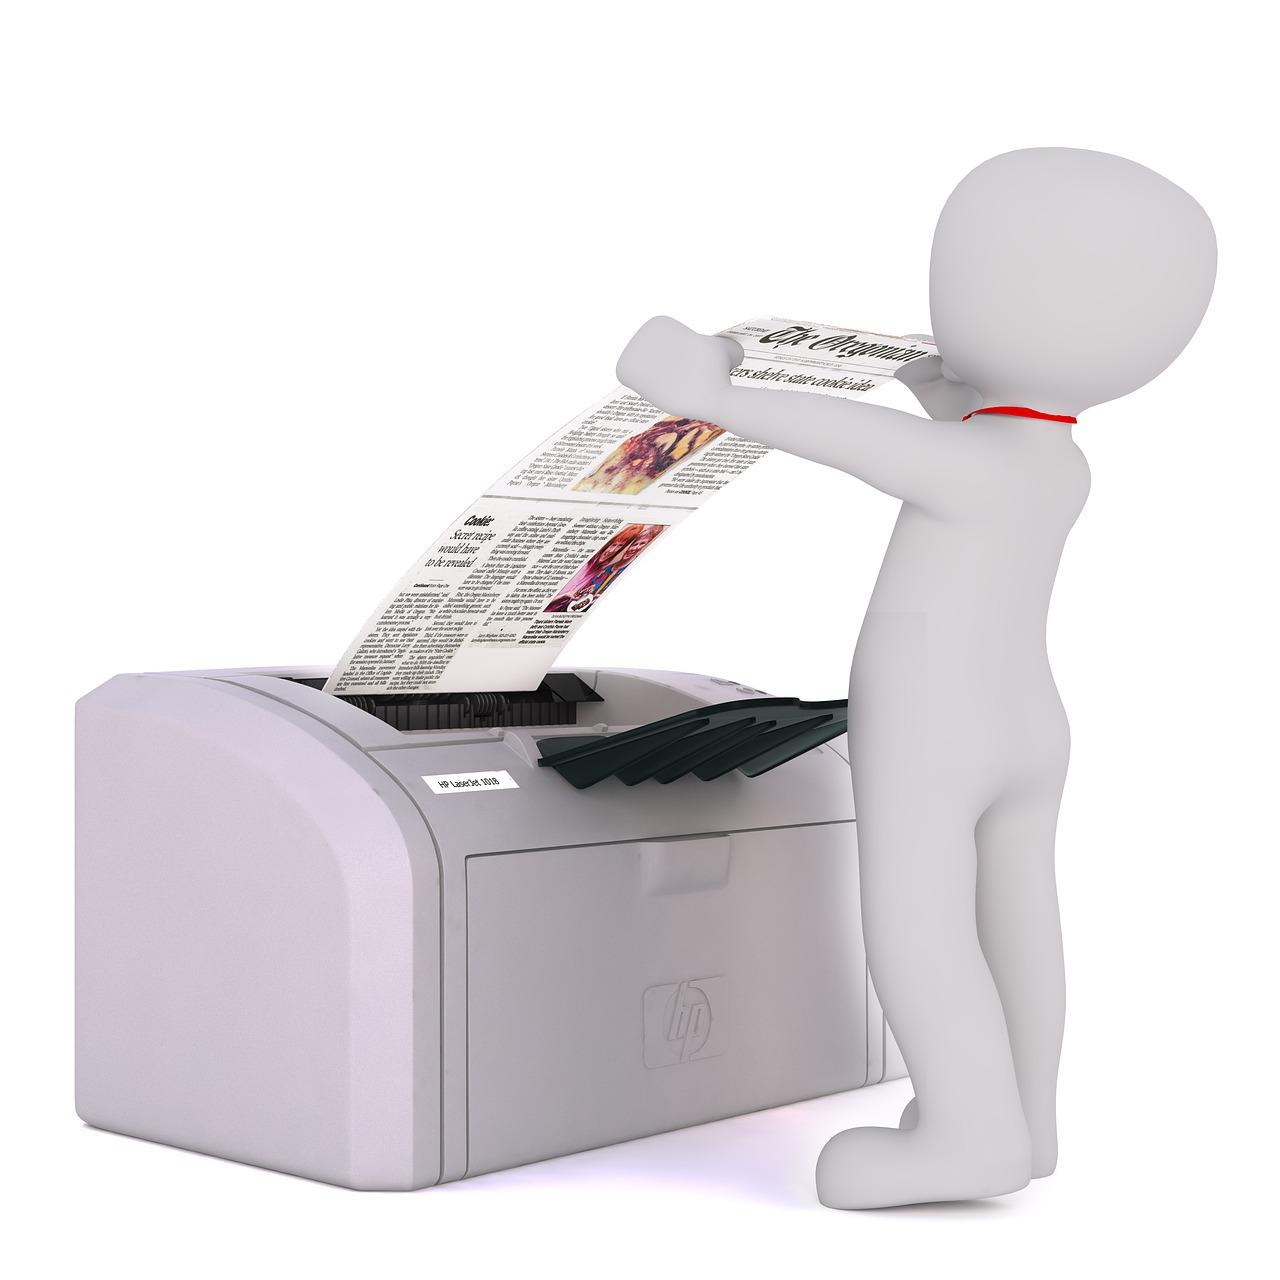 コンビニのファックスの送り方は?複数枚を送るなど、セブンイレブン,ローソンなどで違いある?